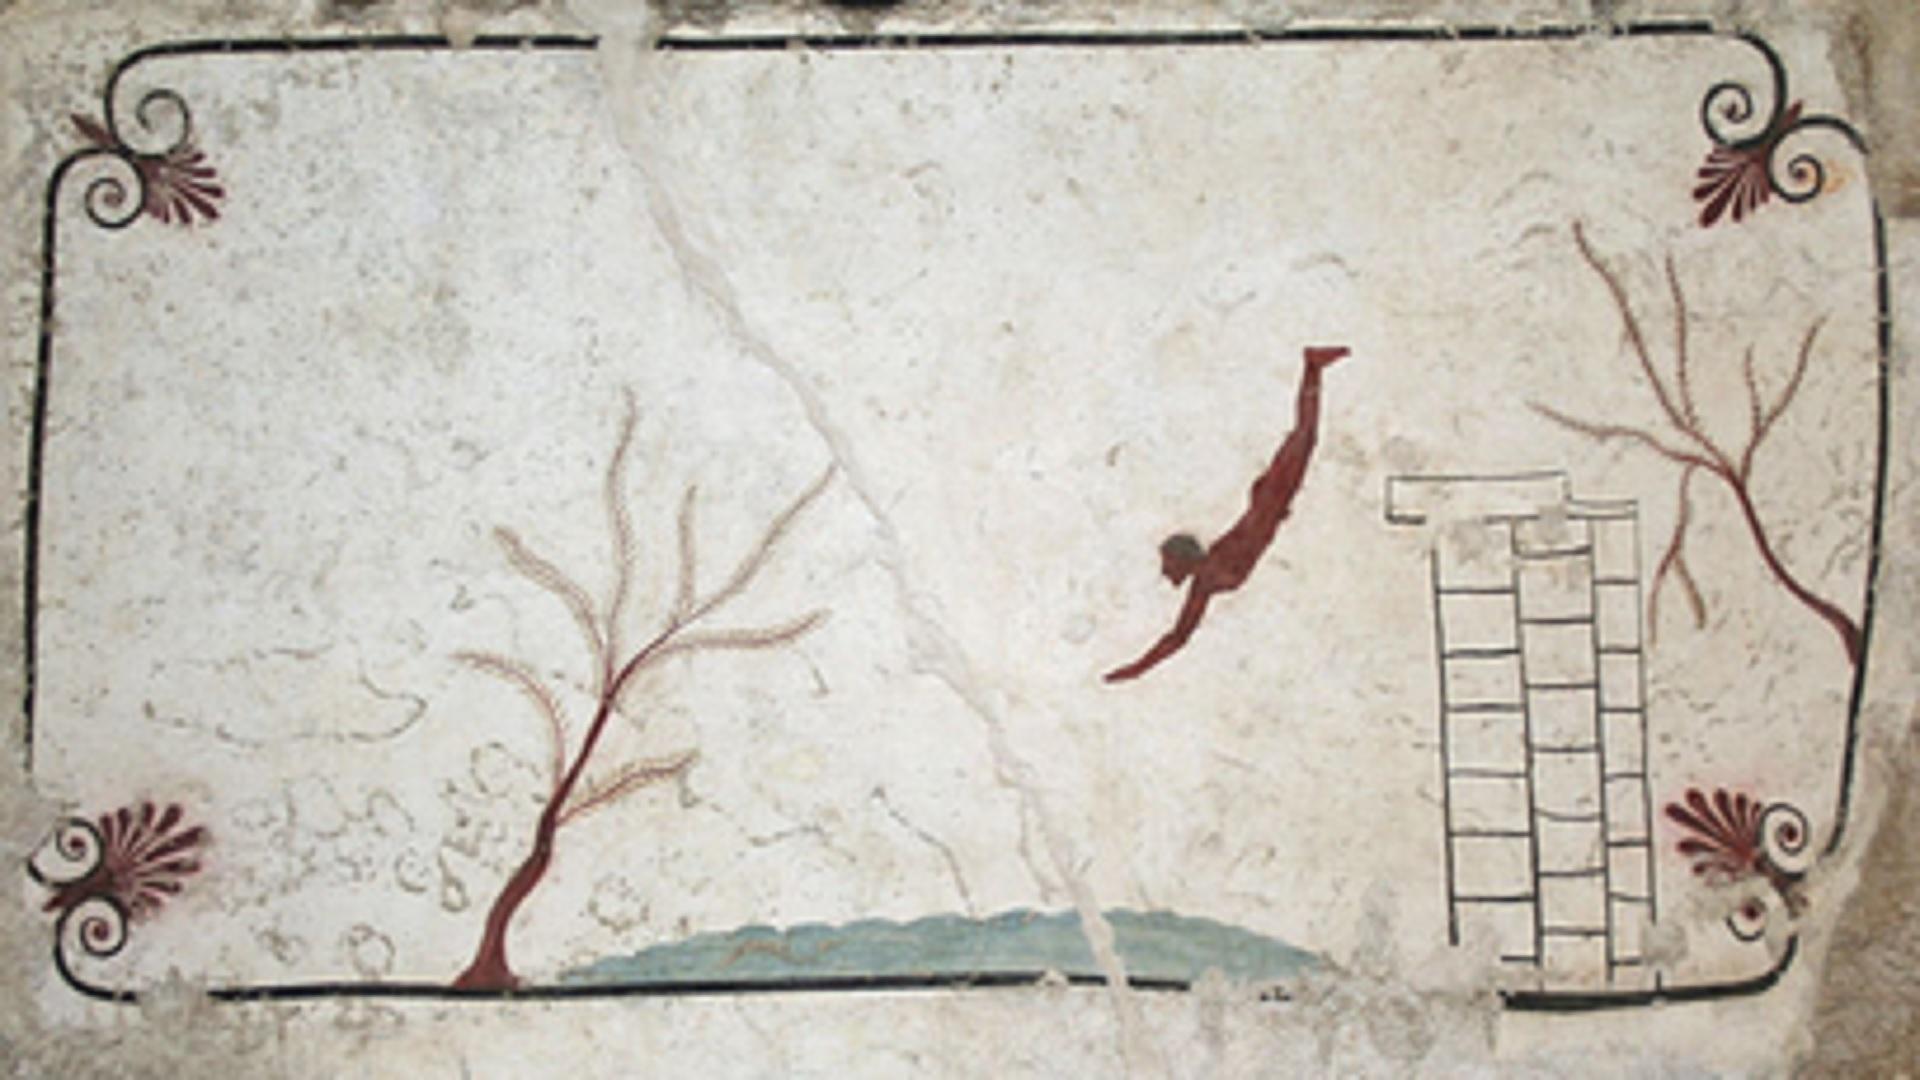 """Il Tuffatore"""" ritorna nel museo di Paestum dove trova una """"nuova casa"""" con un """"nuovo inquilino"""": l'inedita Tomba delle Palmette che svela il capolavoro: né etrusco né greco, ma opera di una"""